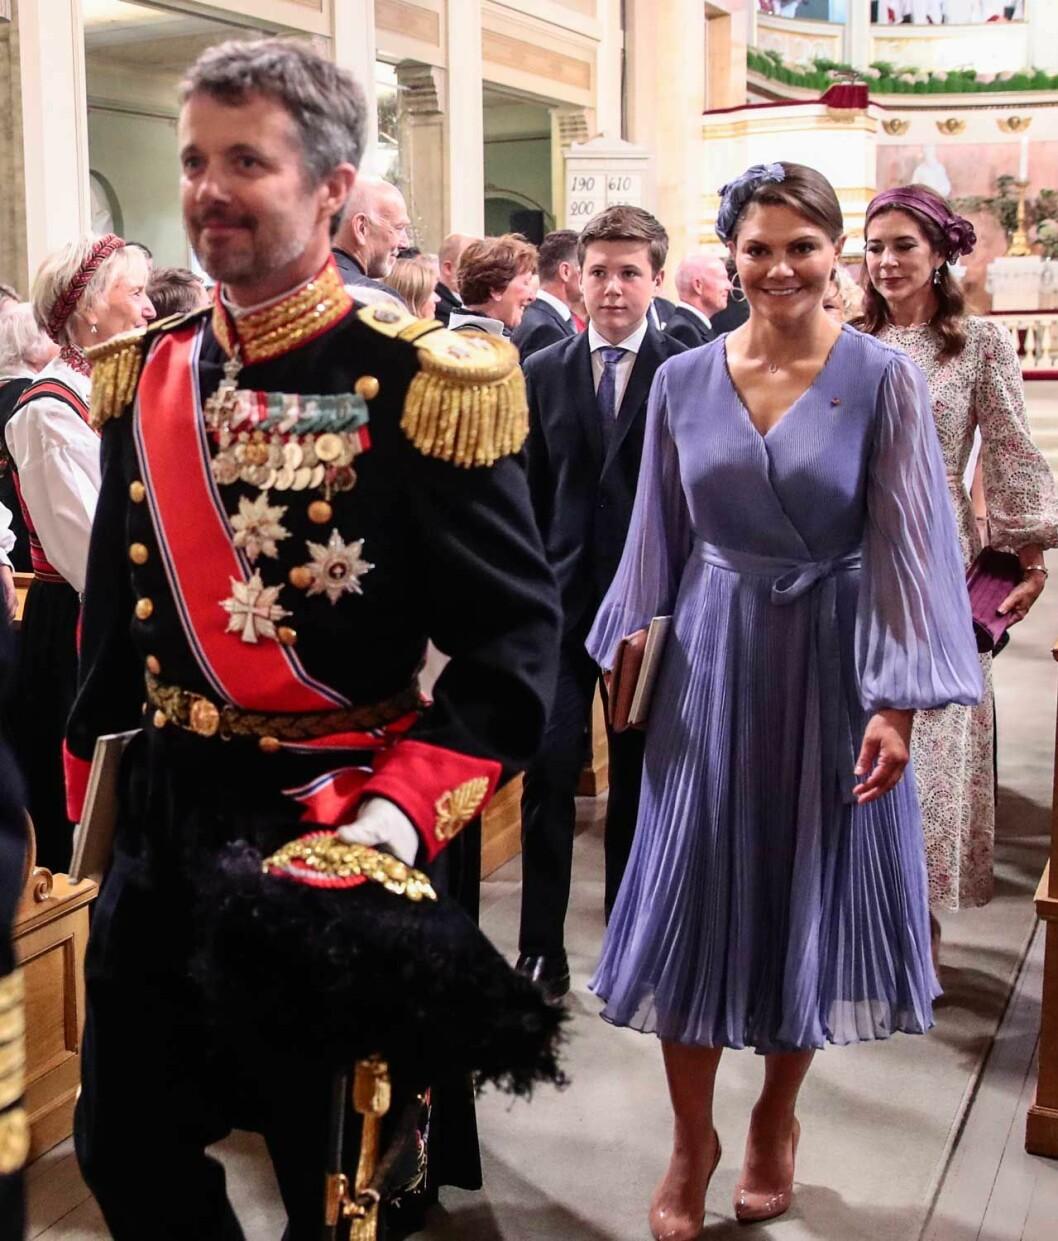 Kronprinsessan Victoria med sin syssling kronprins Frederik.